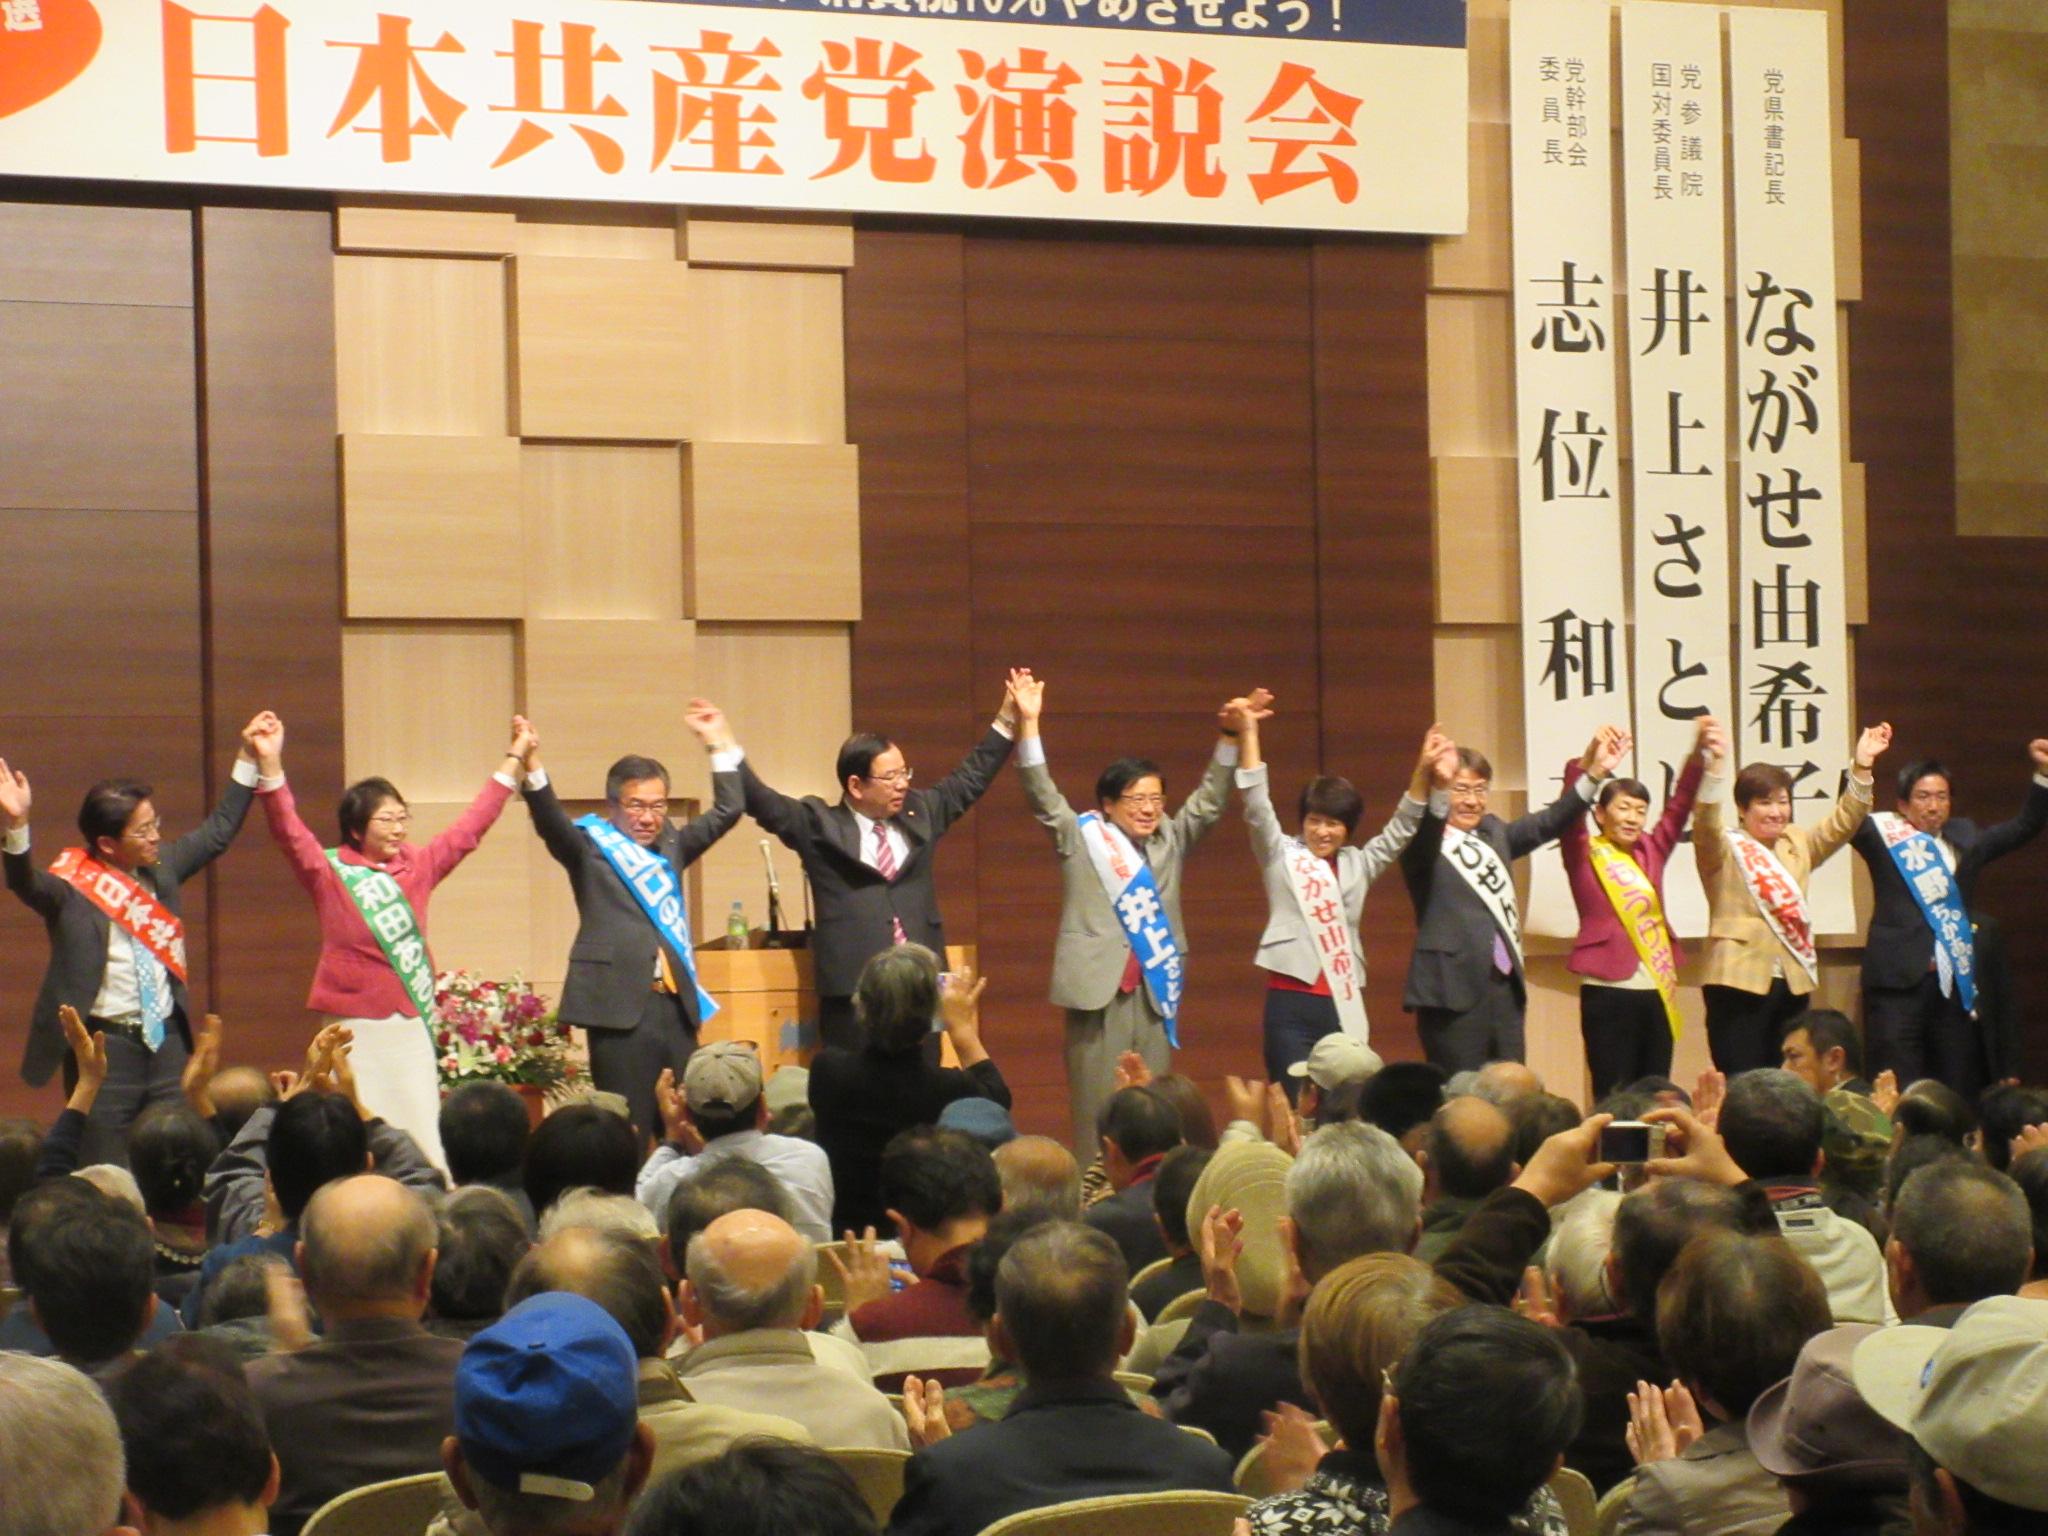 http://www.inoue-satoshi.com/diary/IMG_6940.JPG